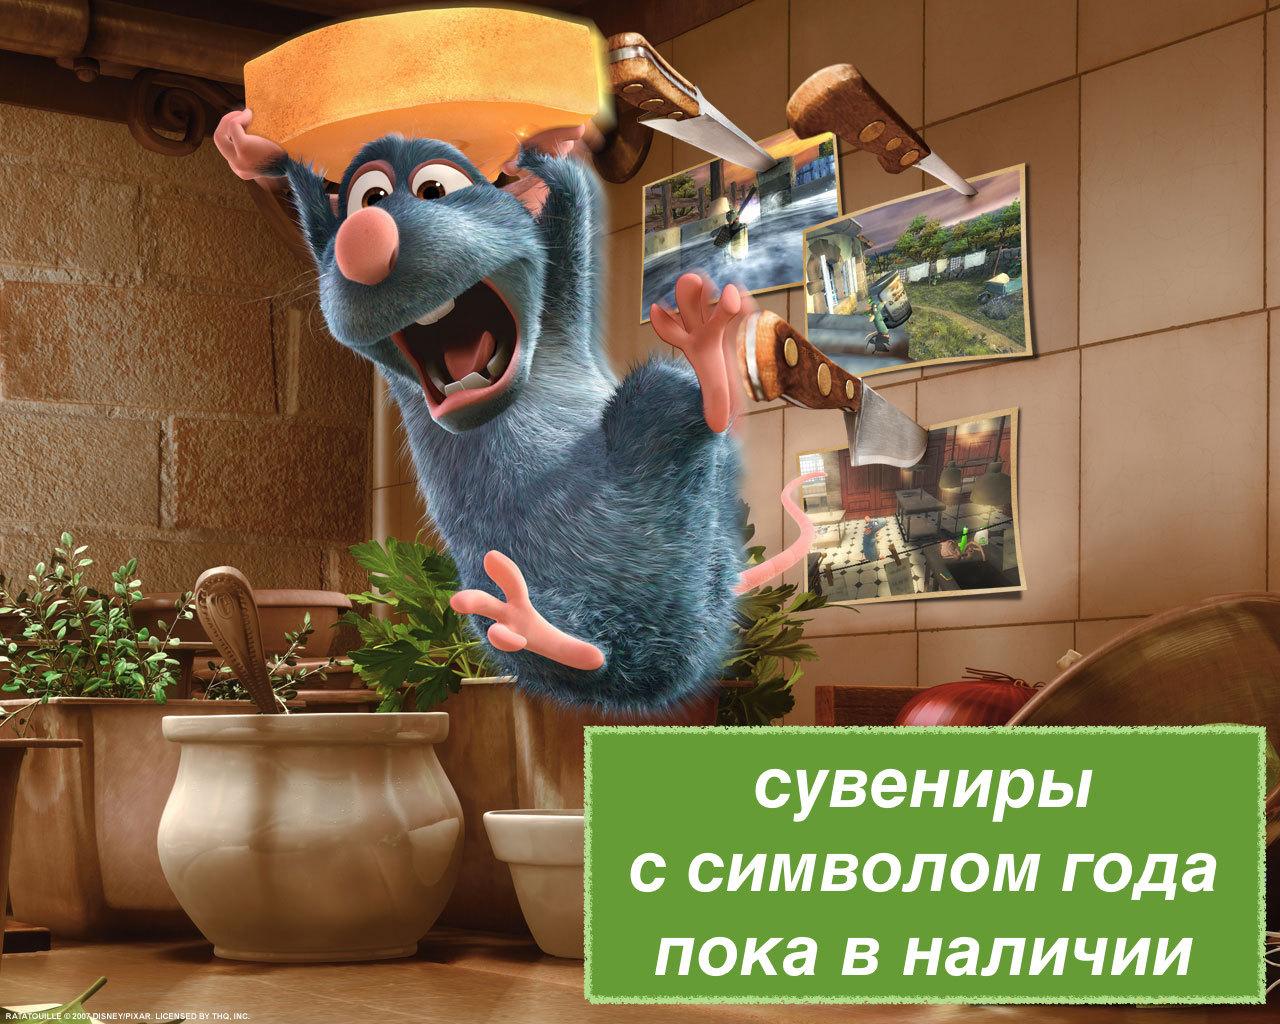 Коллекция подарков к 2020 году с Мышатами, Крысами и Мышками